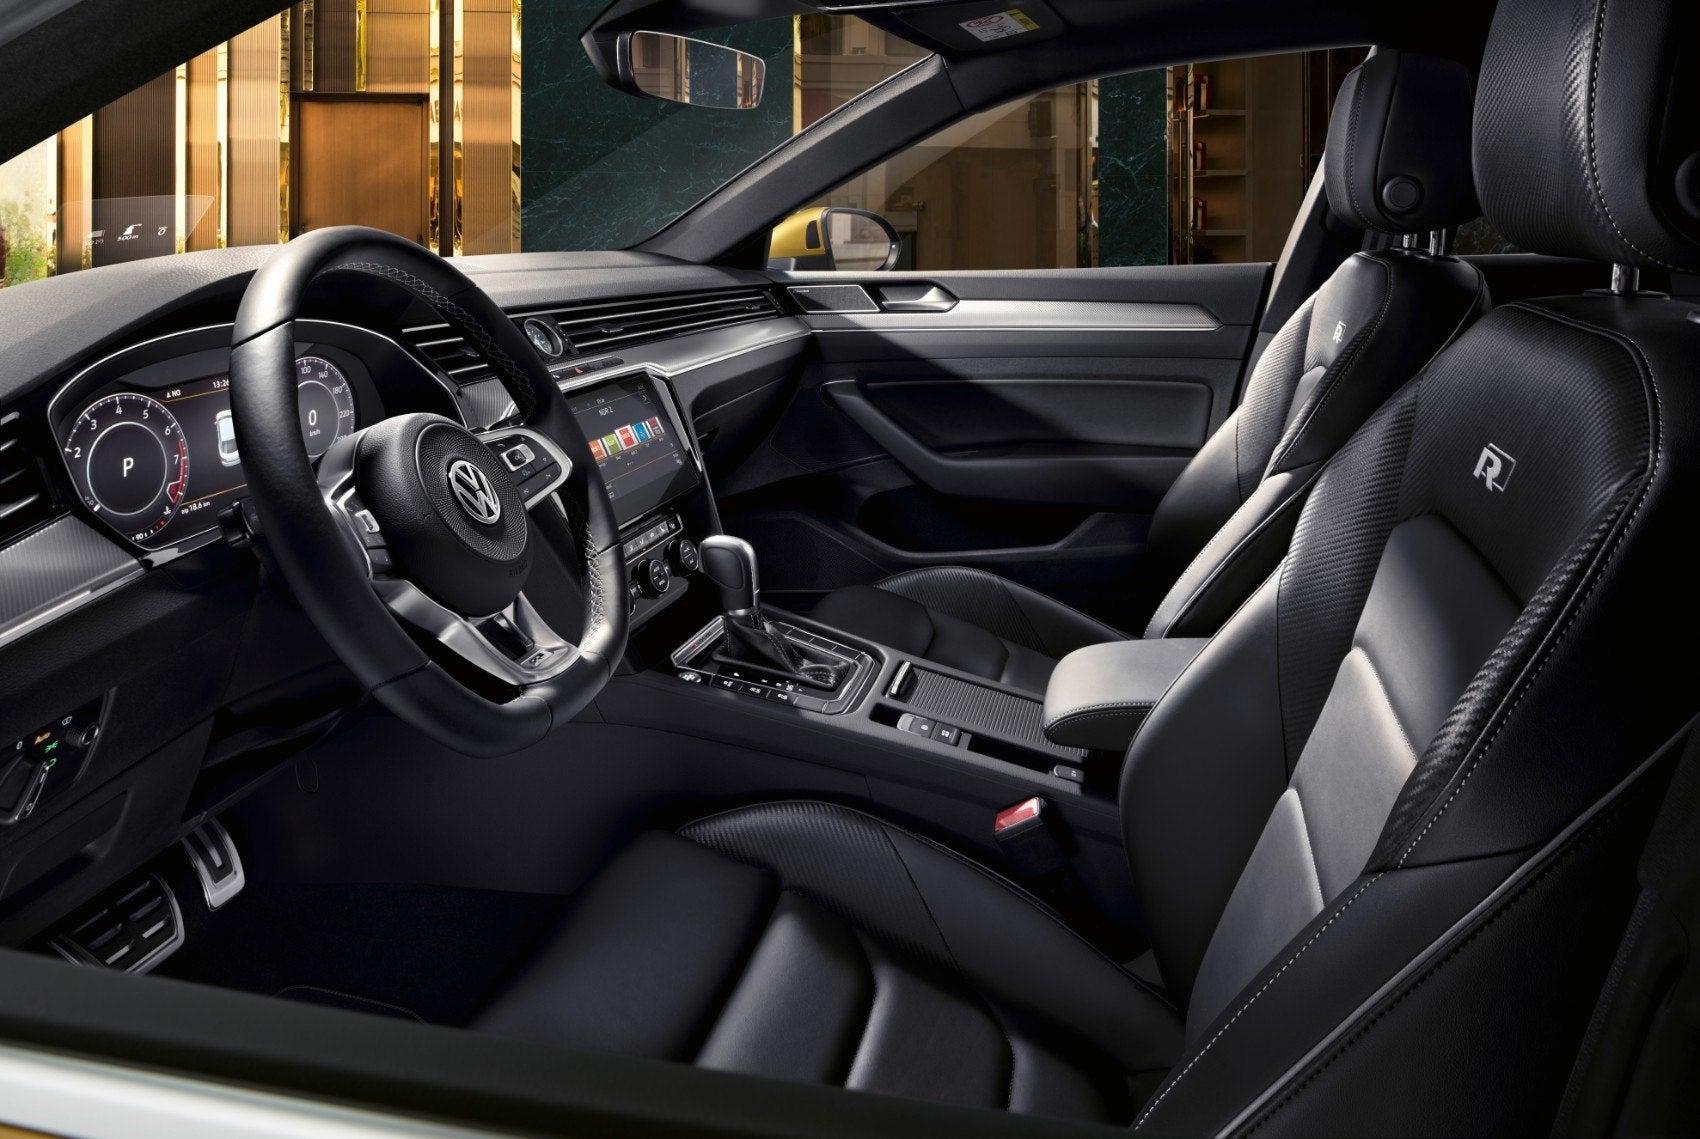 2019 Volkswagen Arteon Not So Fastback